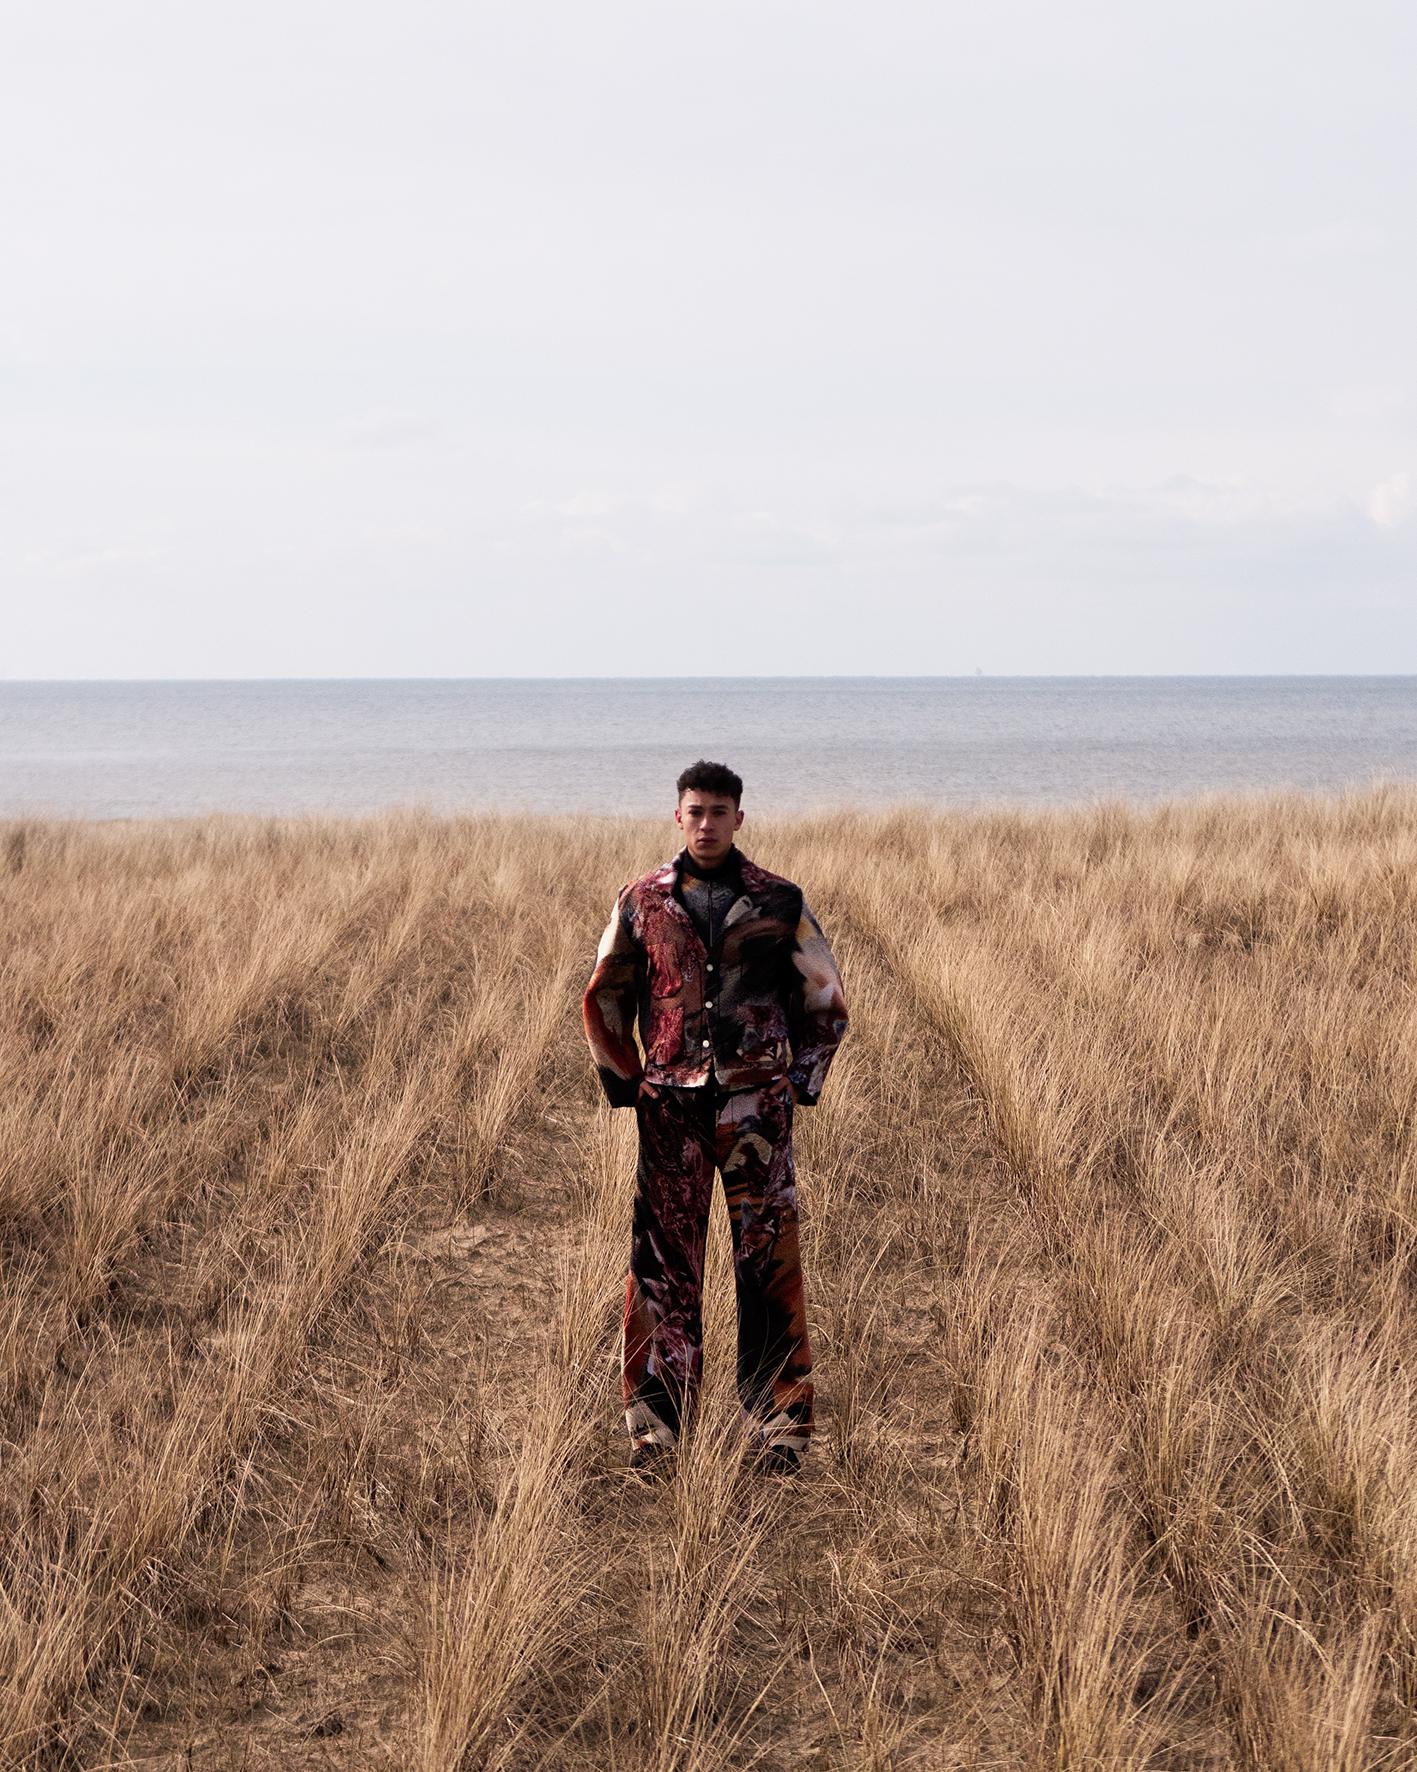 David Freeman for MOAM X Zalando bij Hargen aan zee, maart 2018 © Willem Sizoo